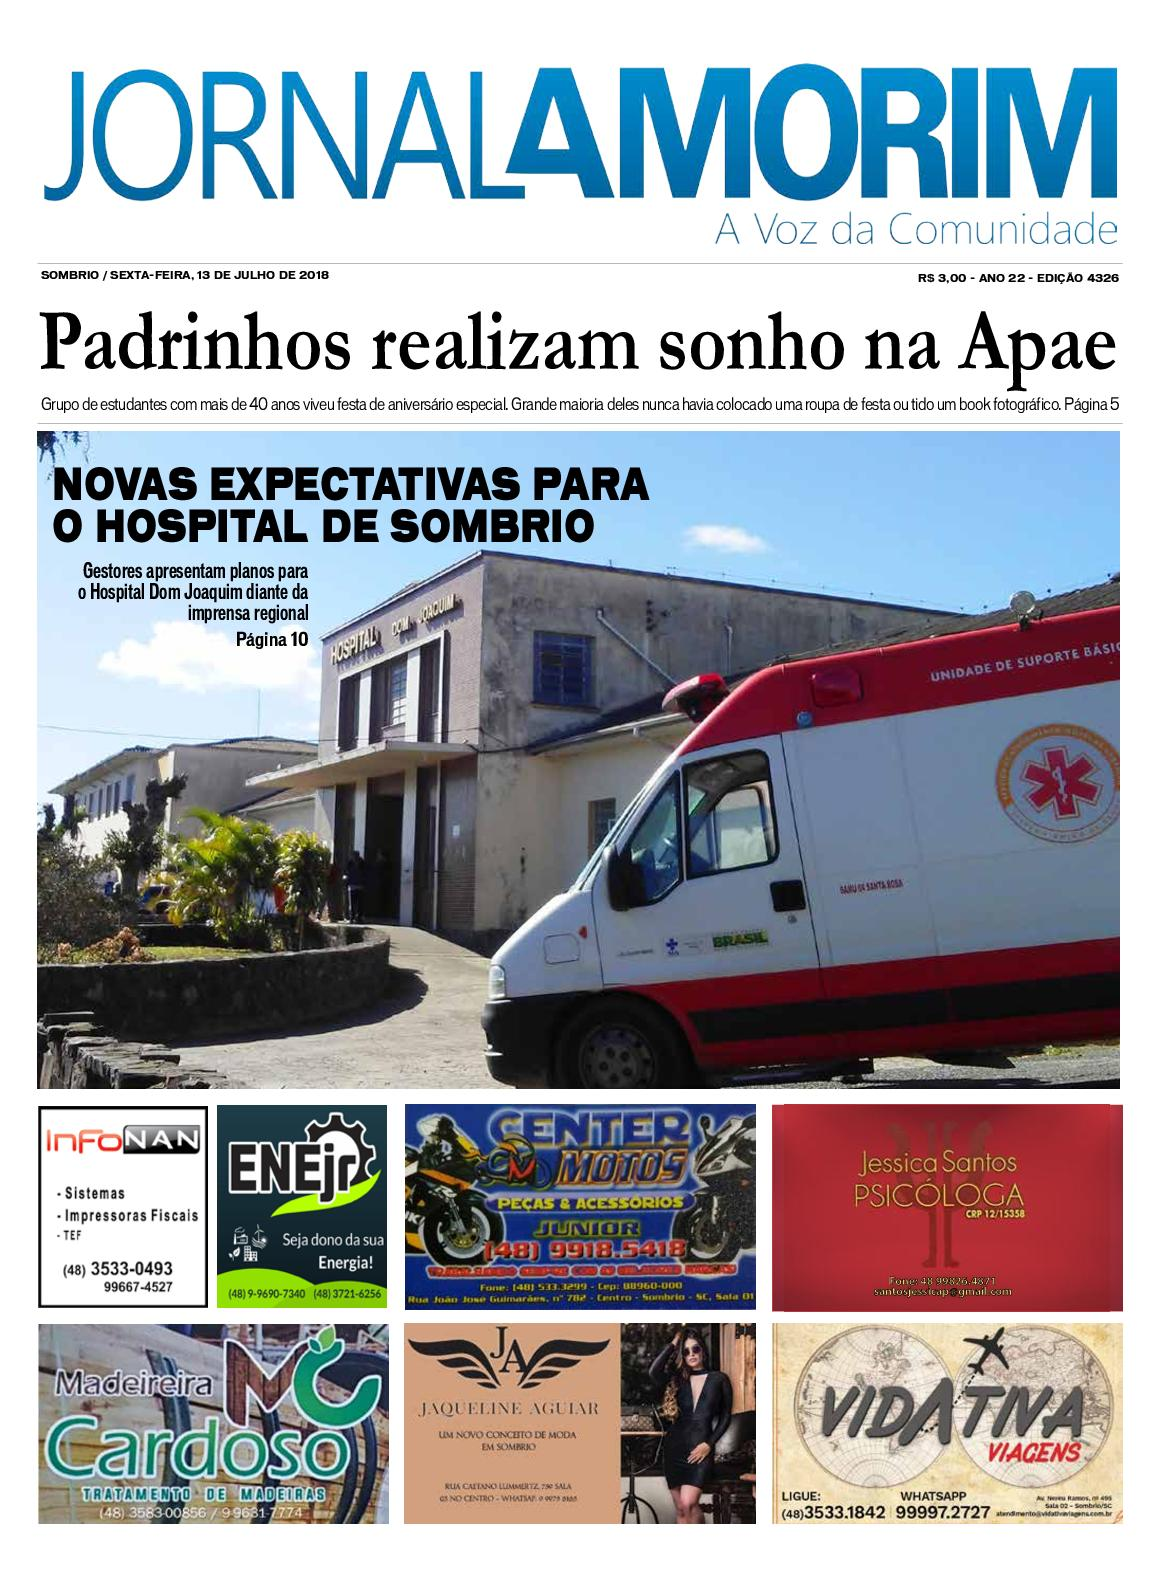 Jornal Amorim 13-07-18